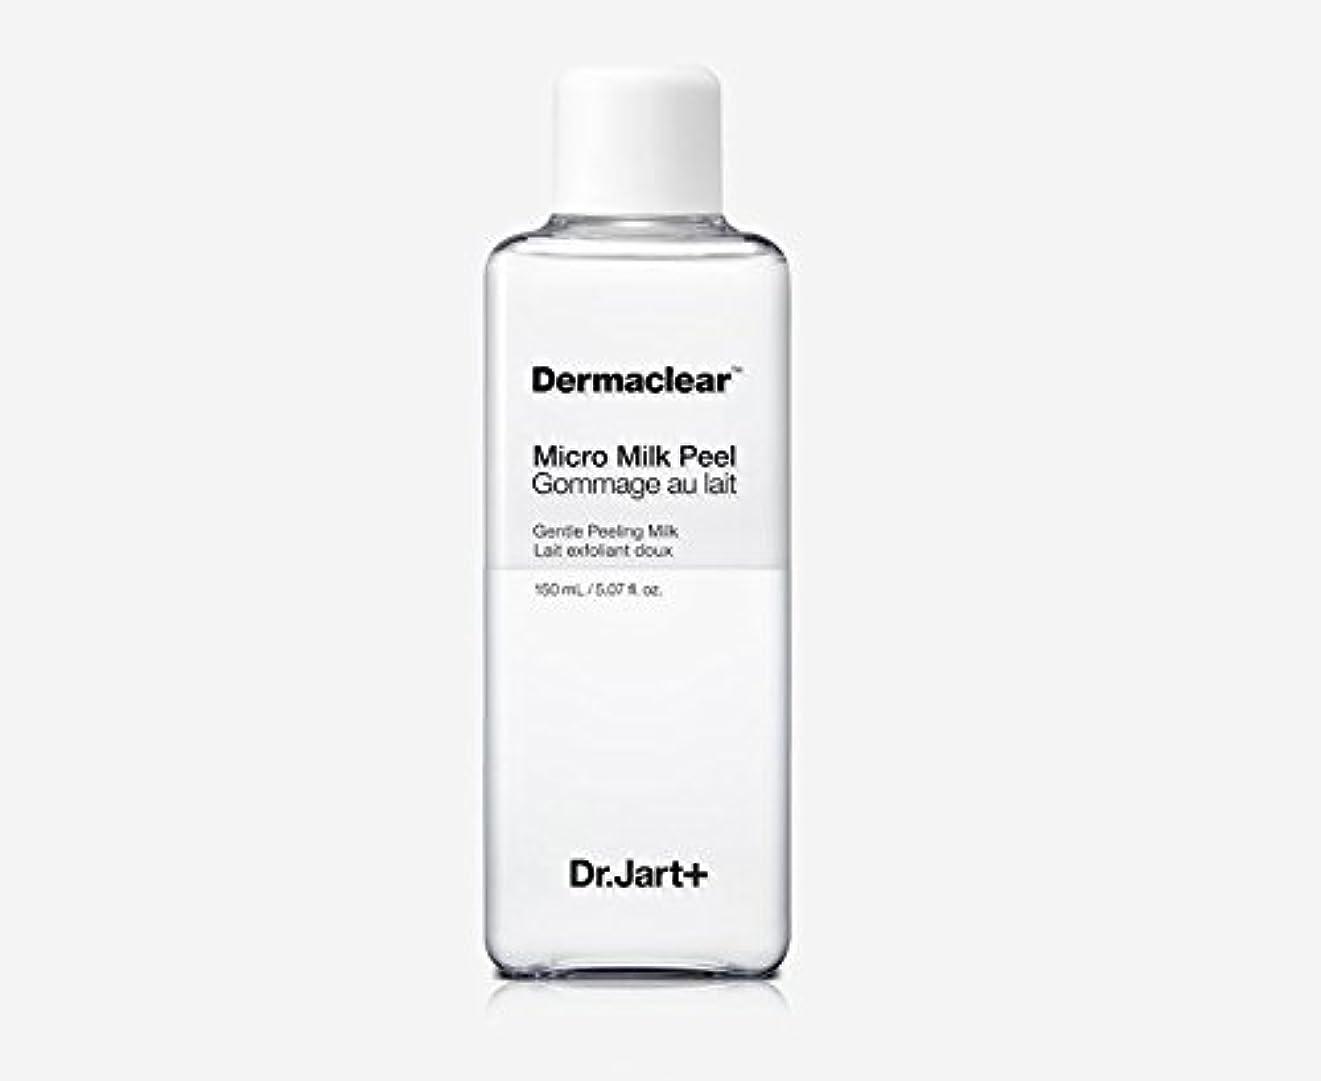 ボイド無視できる第二[ドクタージャルト]Dermaclear Micro Milk Peel 150ml/[ドクタージャルト]ダーマクリアマイクロミルクピール150ml [並行輸入品]